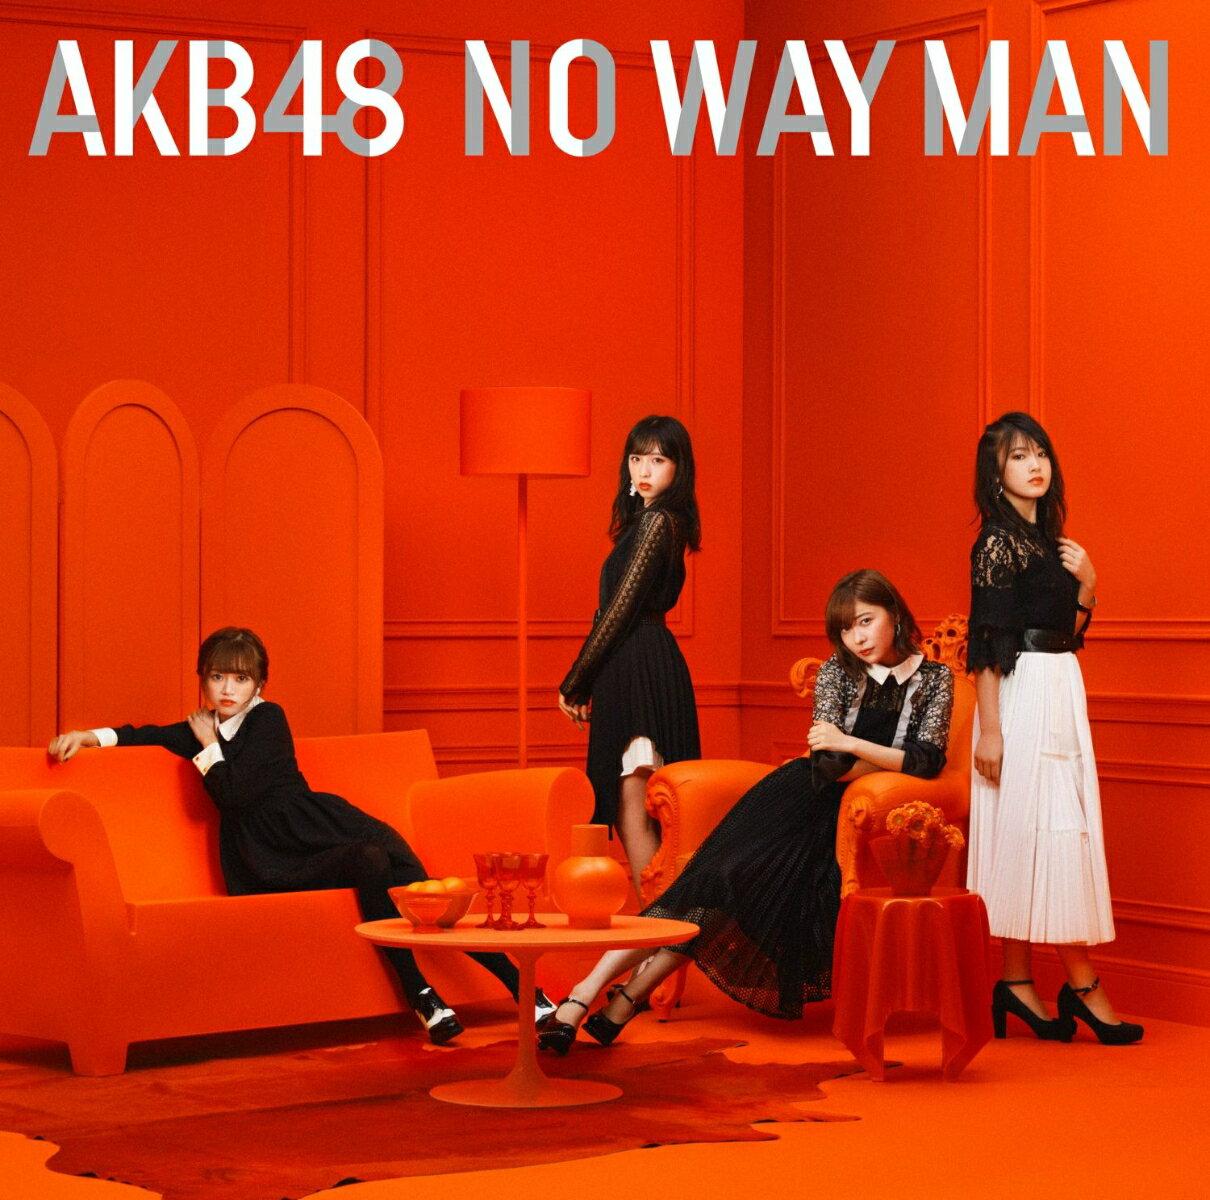 NO WAY MAN (初回限定盤 CD+DVD Type-D) [ AKB48 ]